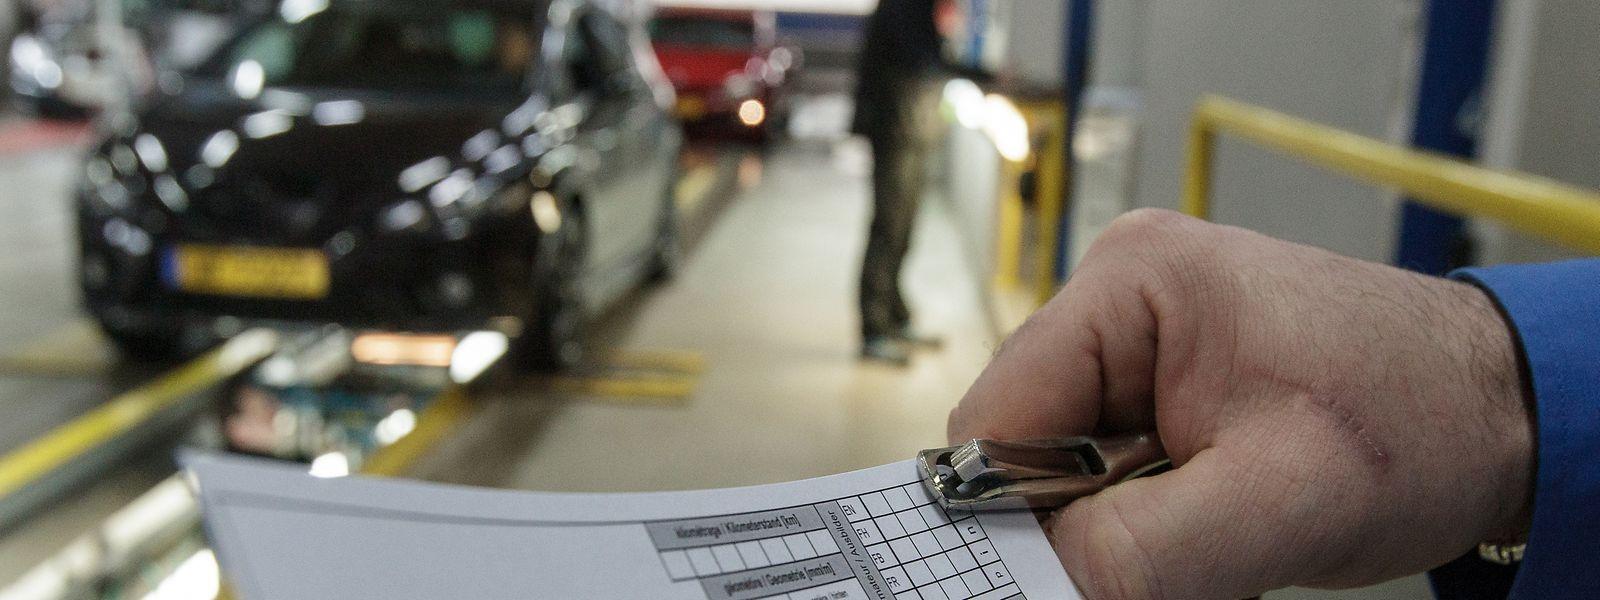 Des «goulots d'étranglement» peuvent parfois se produire dans les garages habilités et entraînent des problèmes pour respecter les délais fixés.